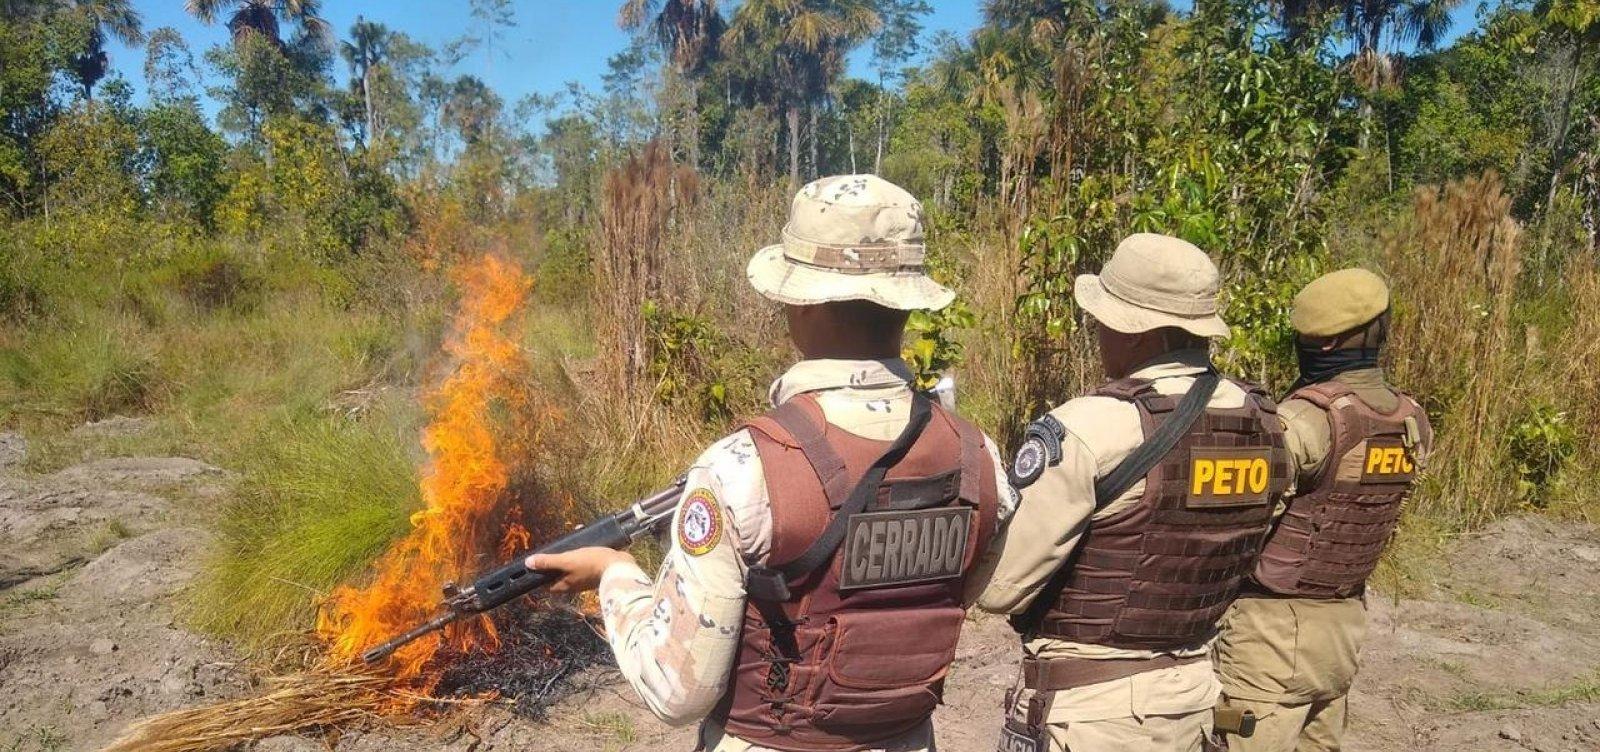 PM toca fogo em cinco mil pés de maconha no oeste do estado